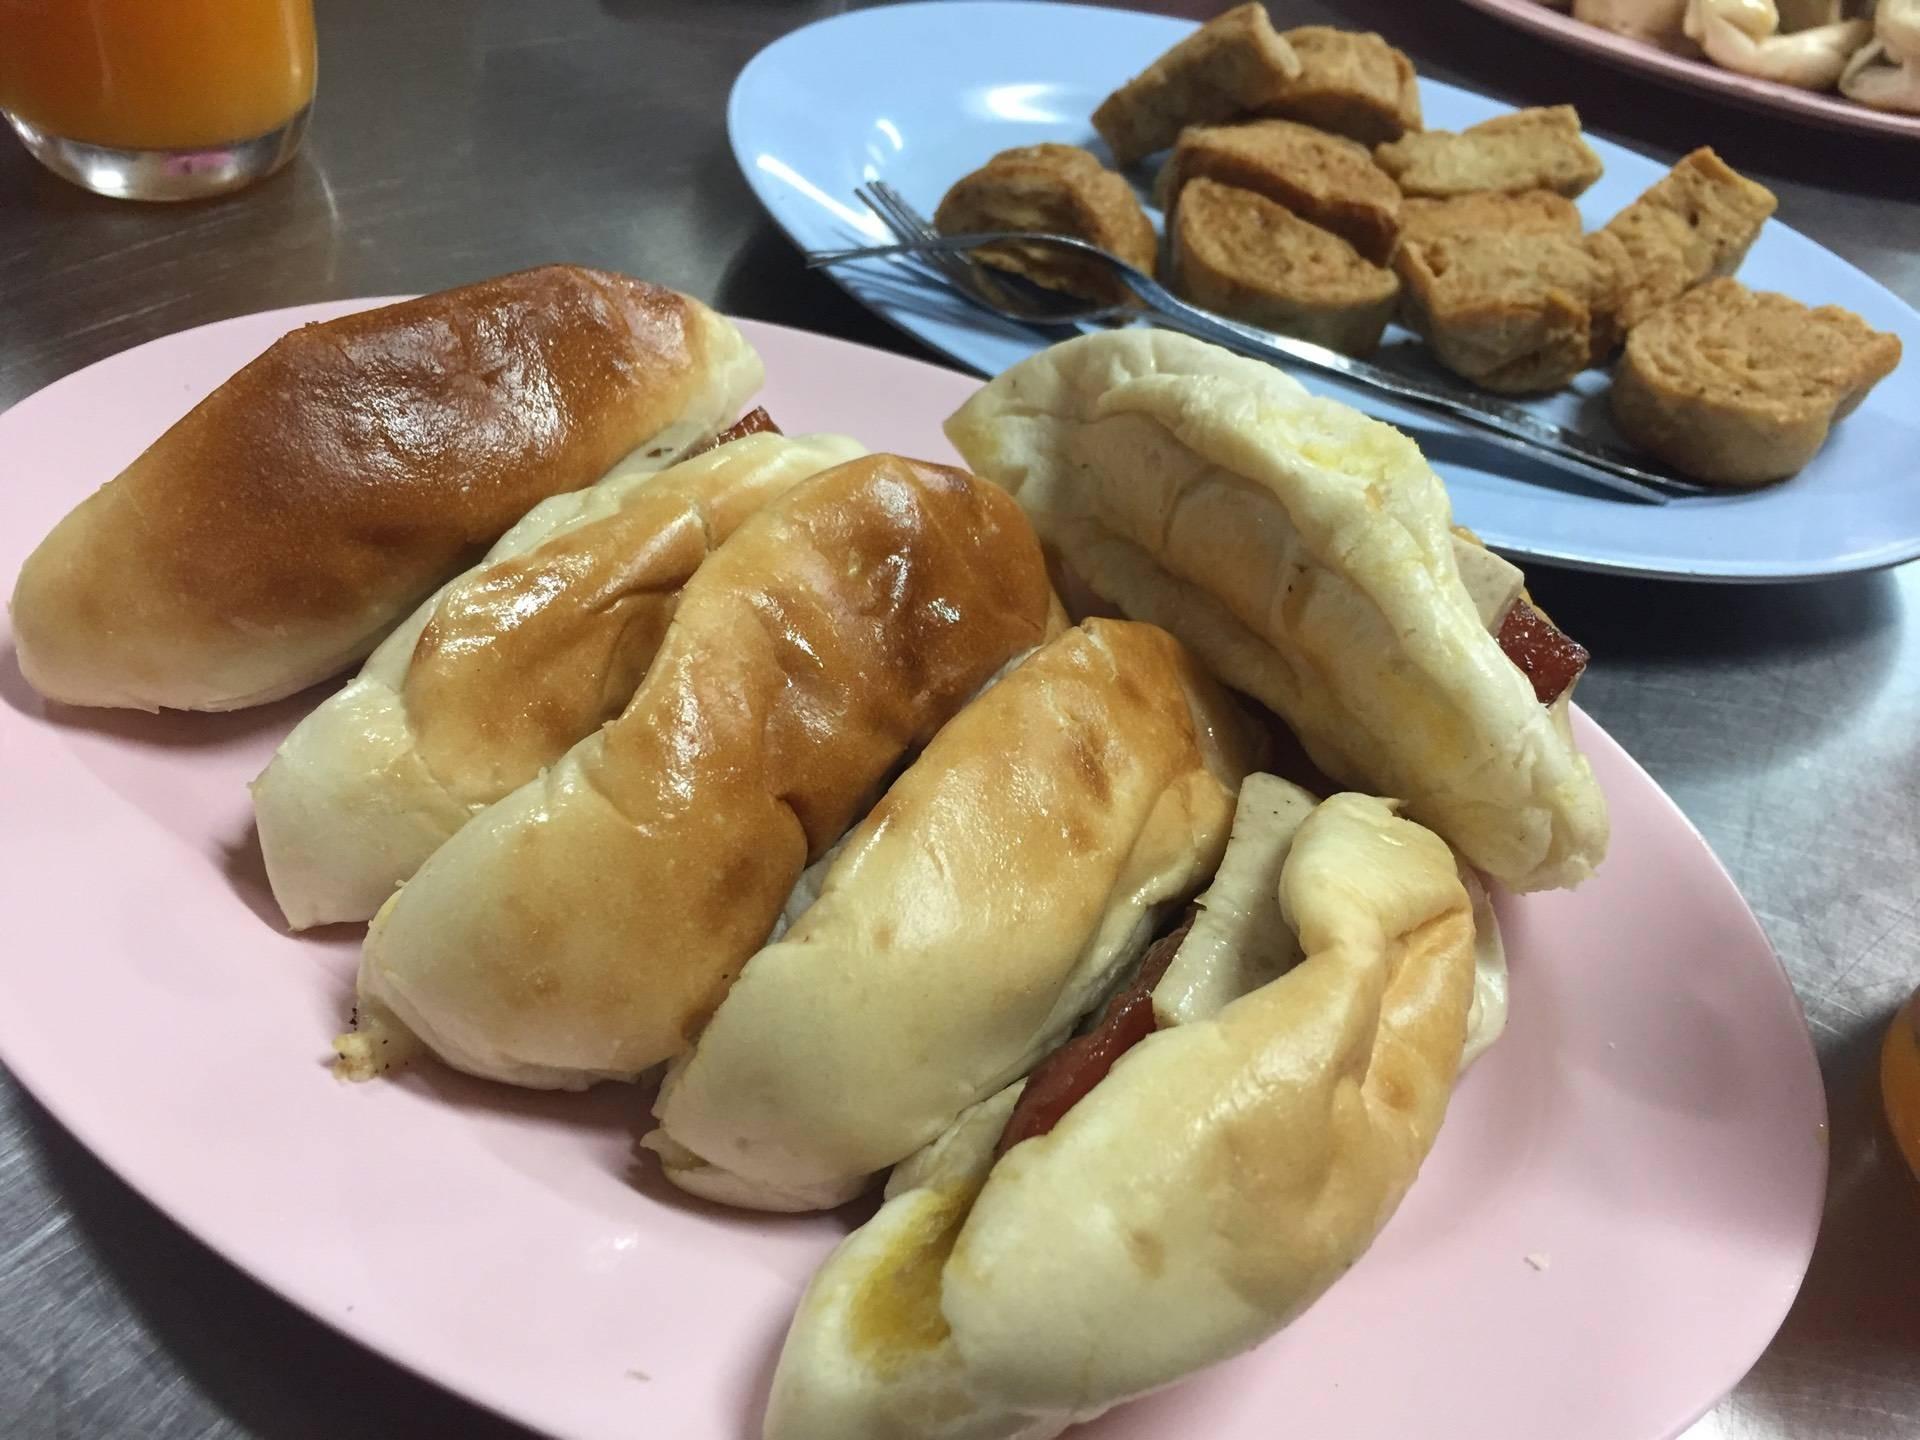 ขนมปังที่ละ 2 ชิ้น จานนี้ 3 ที่ (สั่ง 3 ที่ เพราะคิดว่าที่ละ1ชิ้น 🙈)